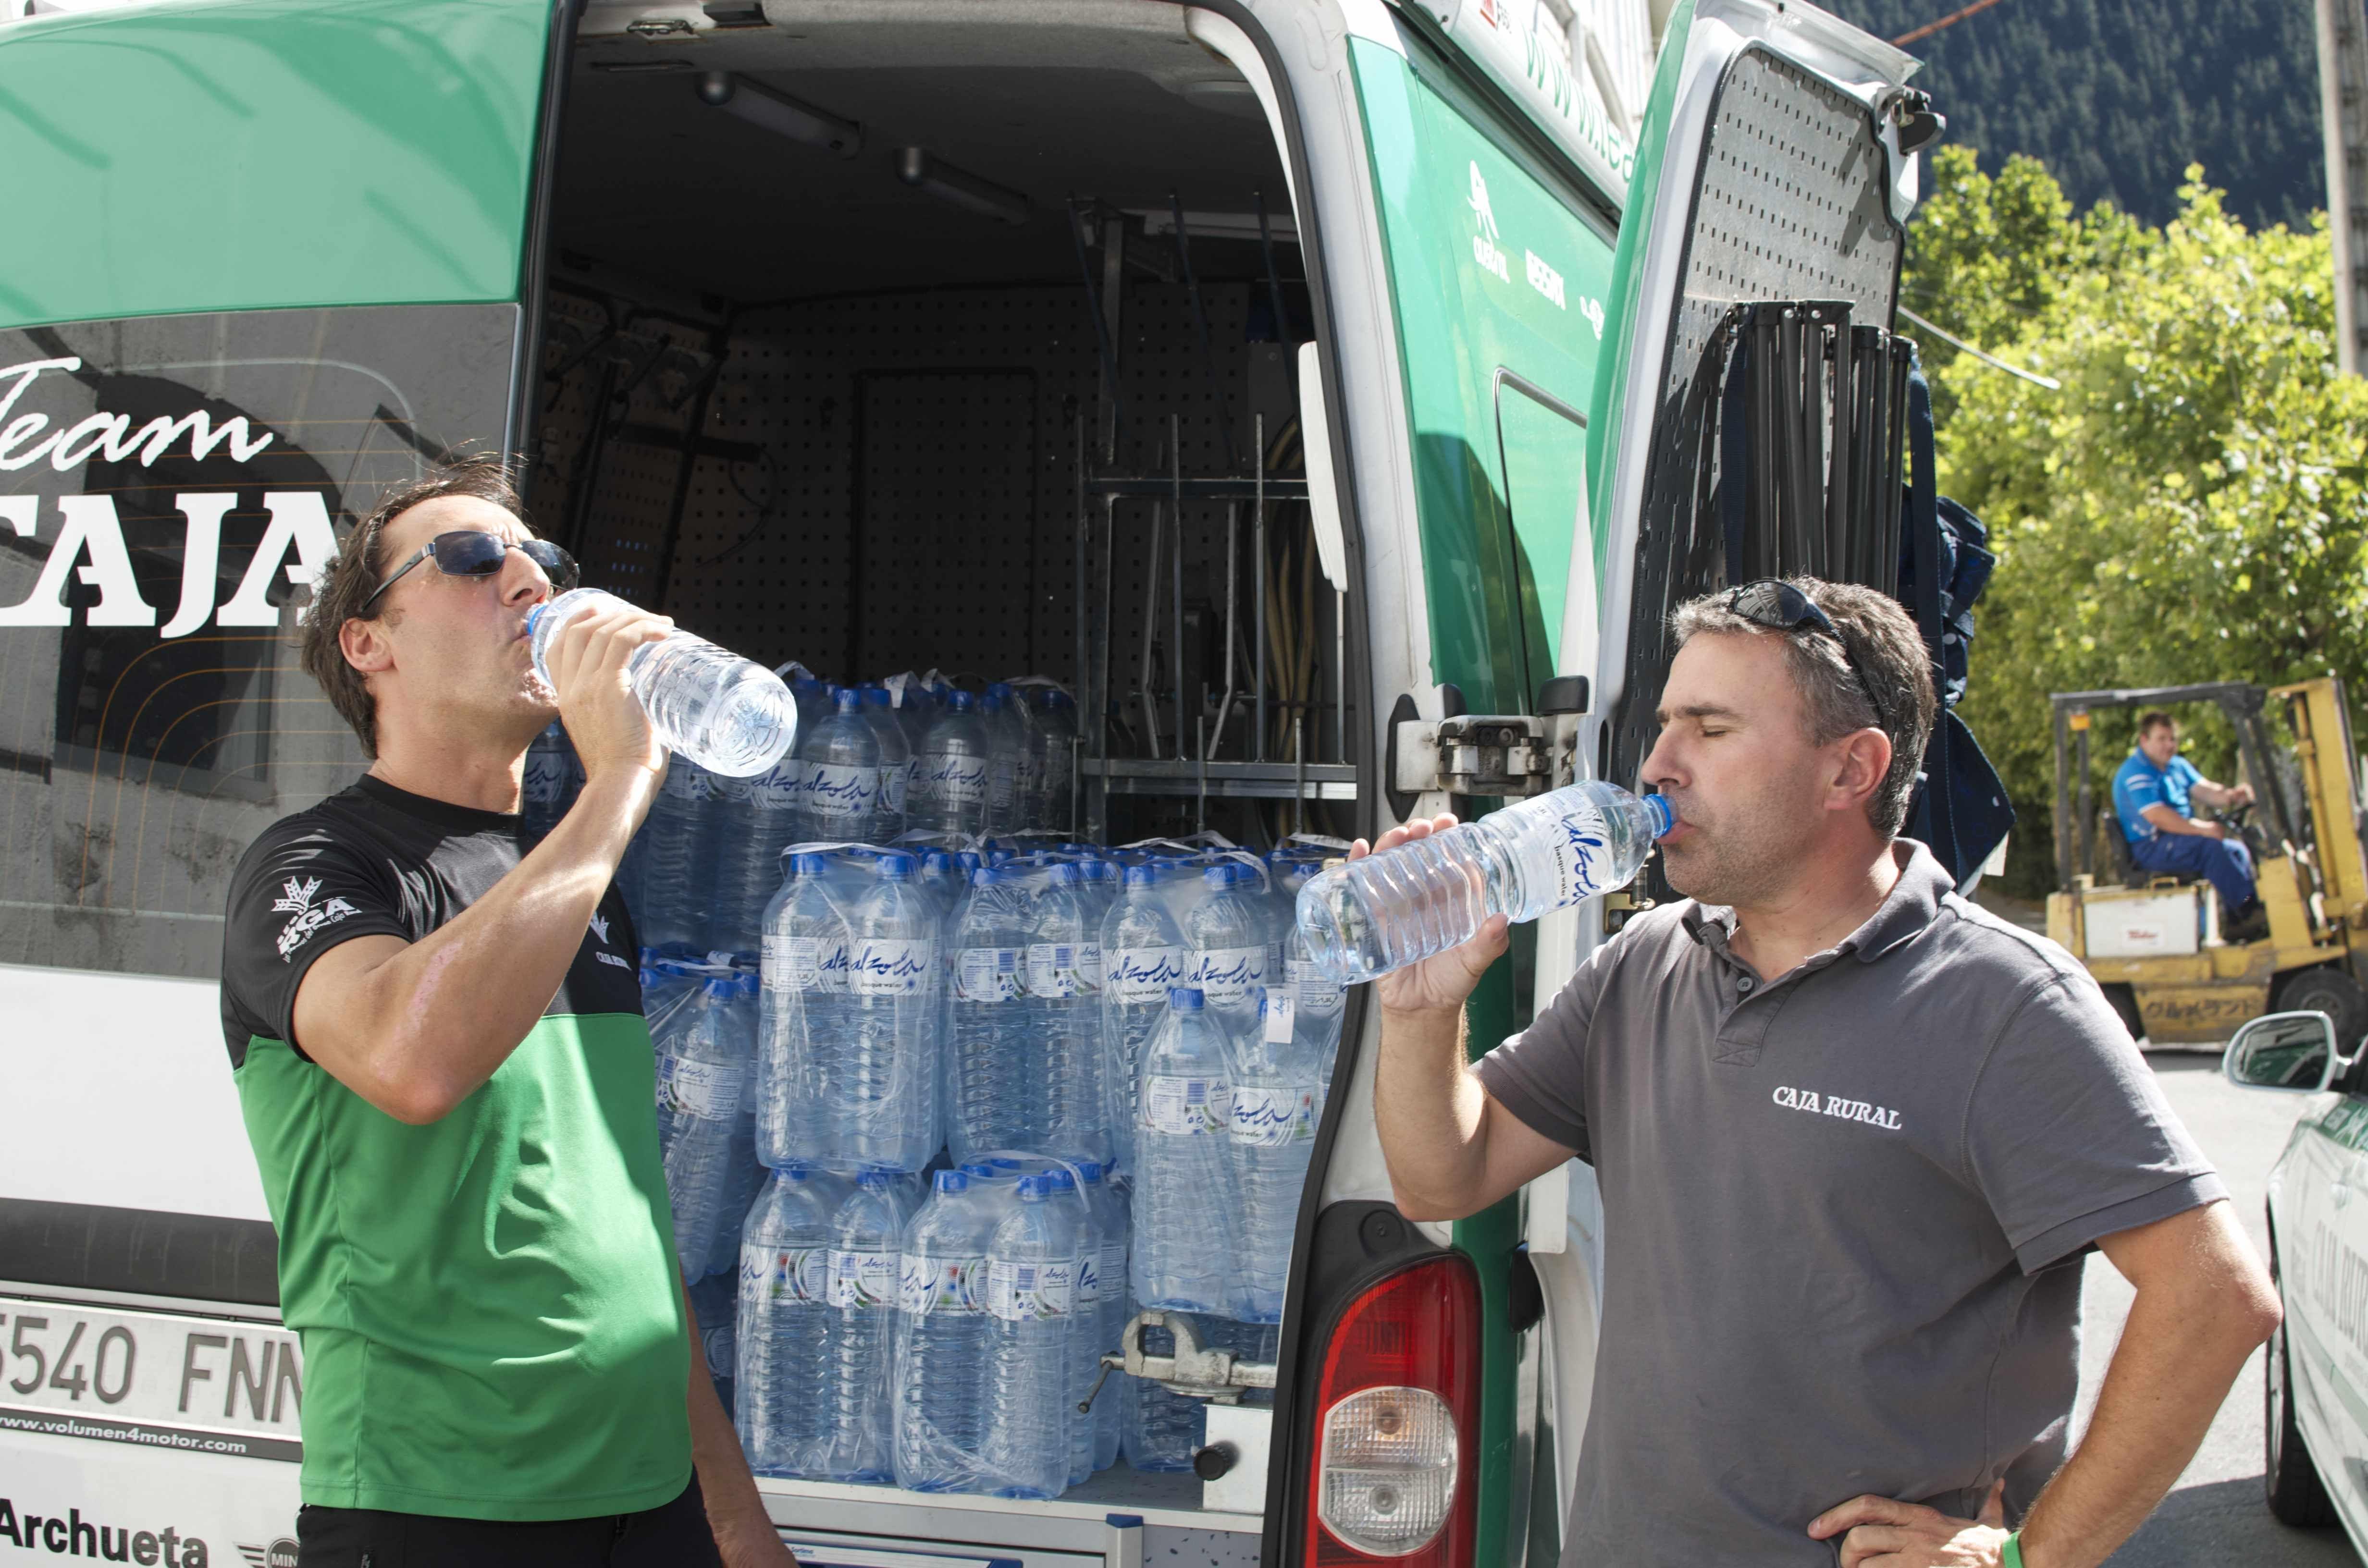 Director técnico y Masajista del equipo ciclista Caja Rural Team combaten el calor en Alzola. Afrontarán la vuelta a Burgos, la vuelta a Portugal y la vuelta a España en lo que queda de temporada